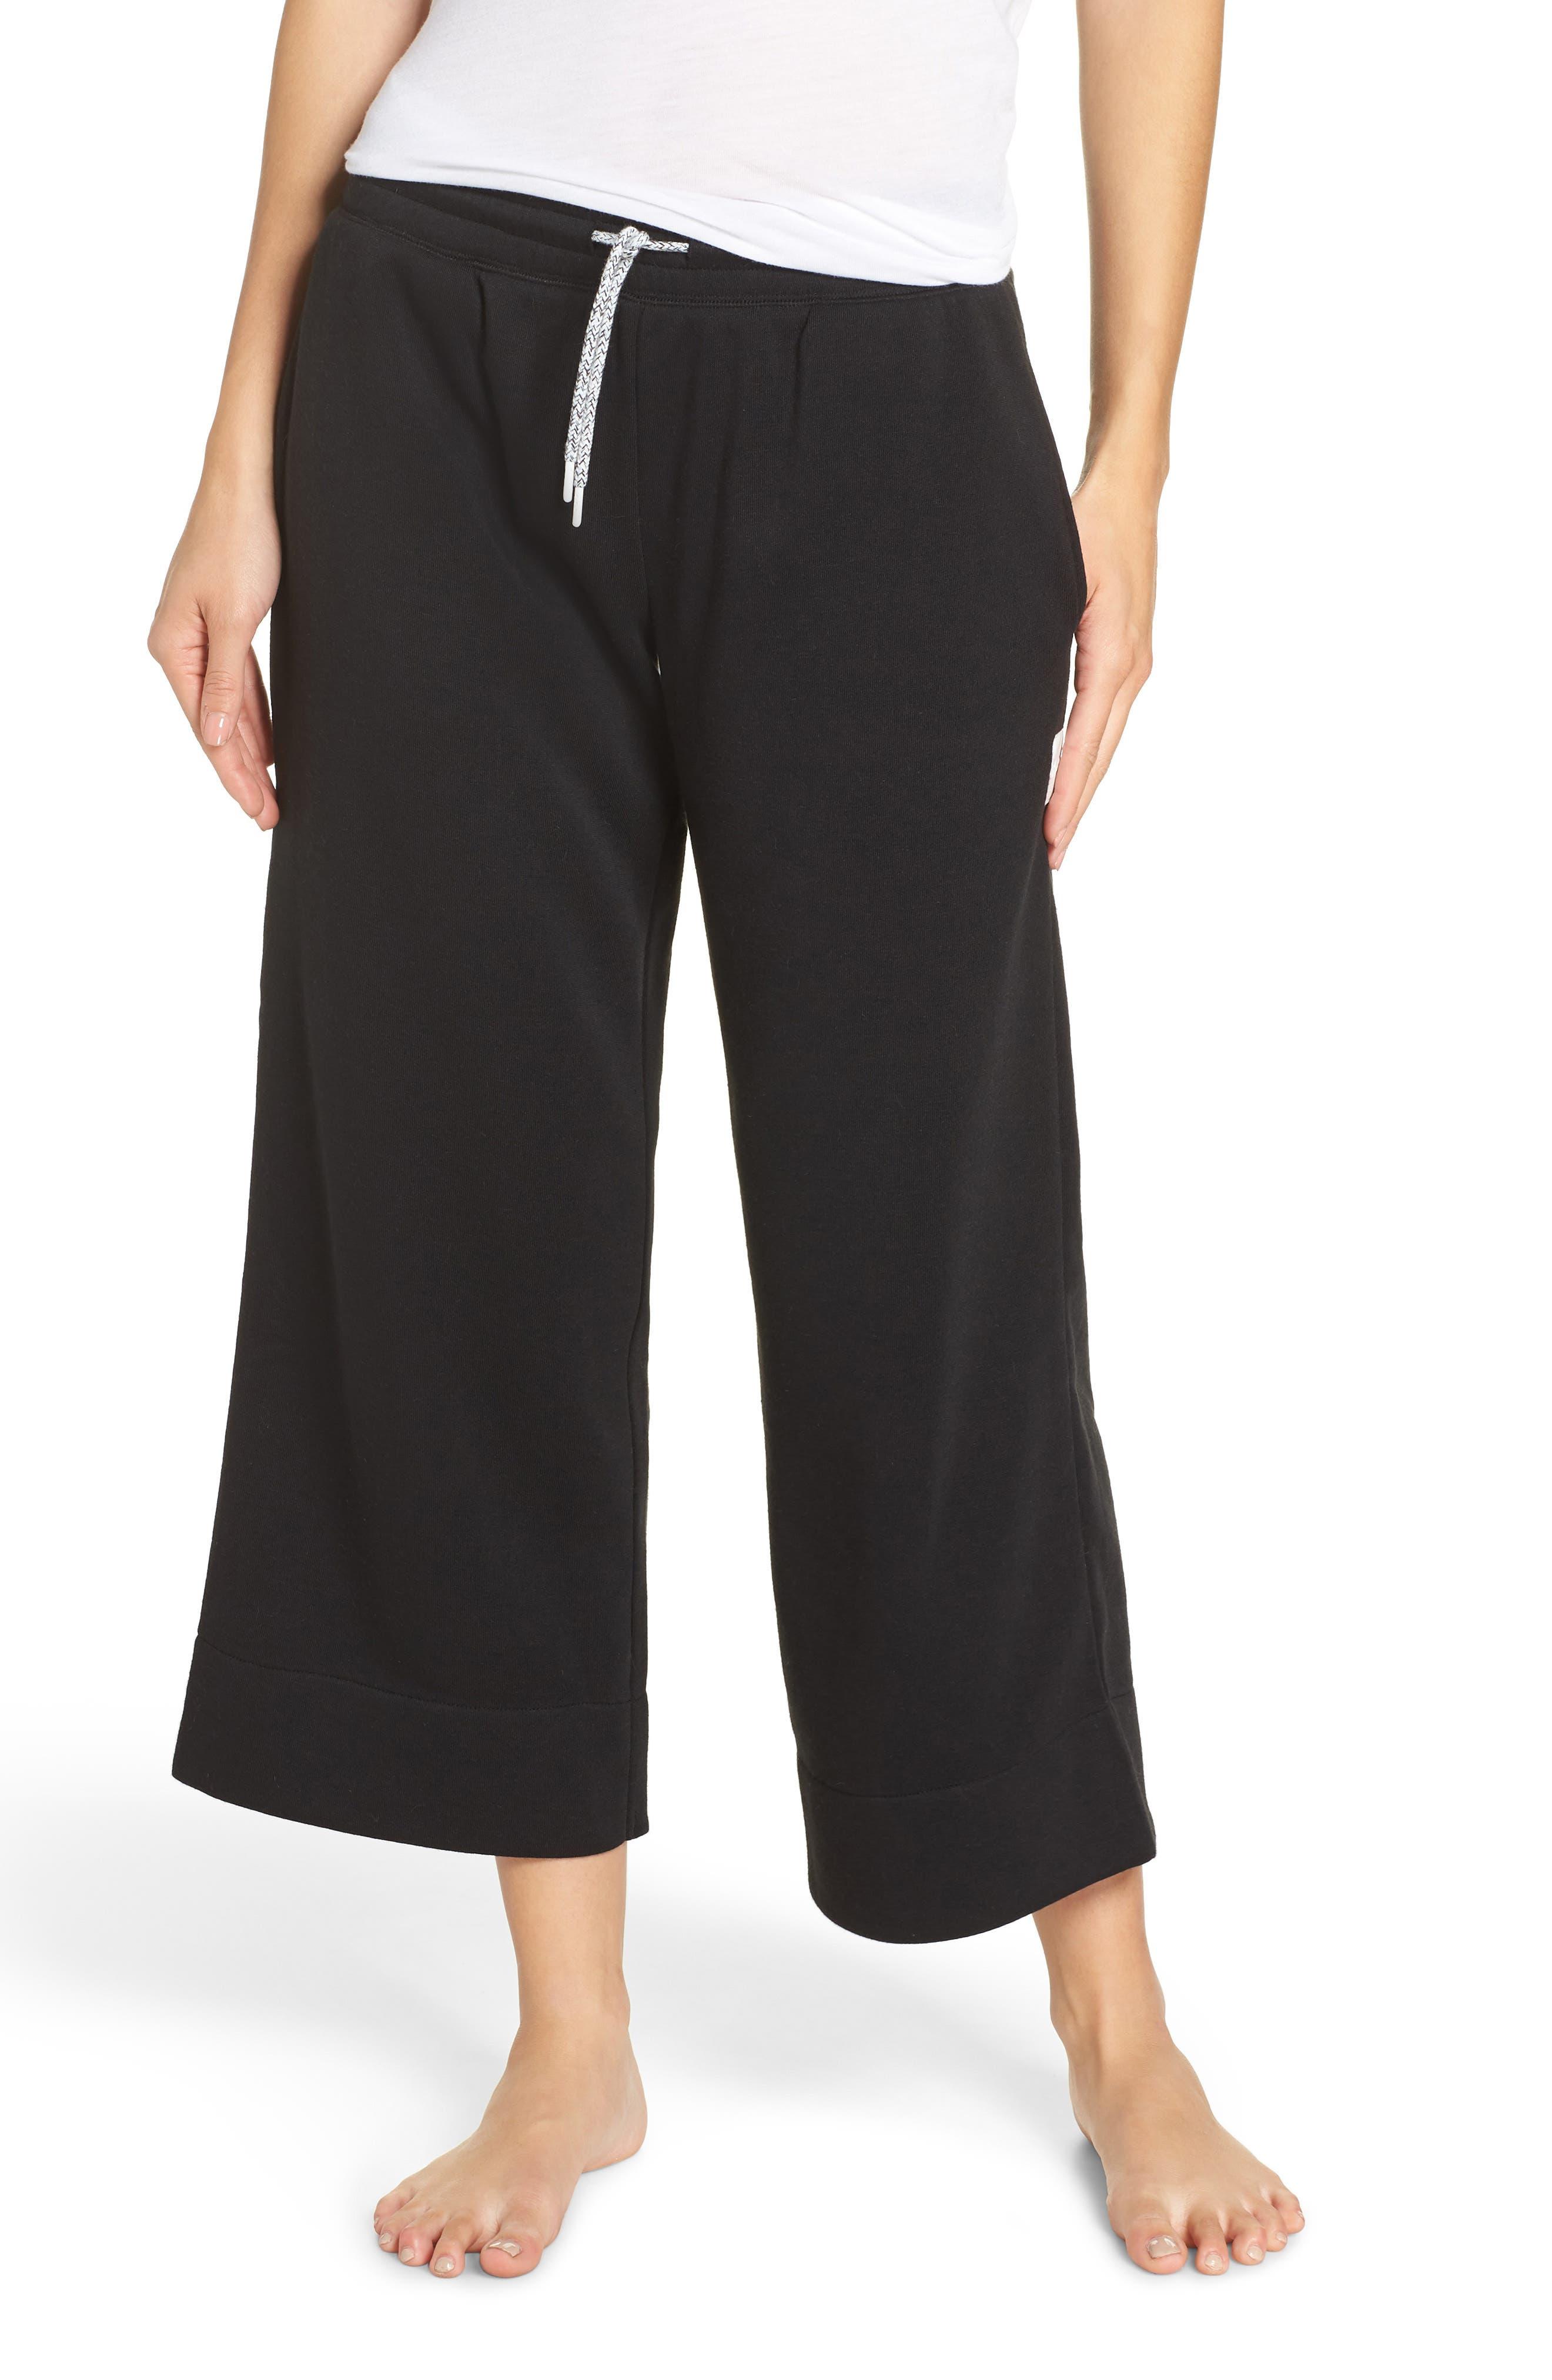 CHALMERS Vada Crop Sweatpants, Main, color, 010